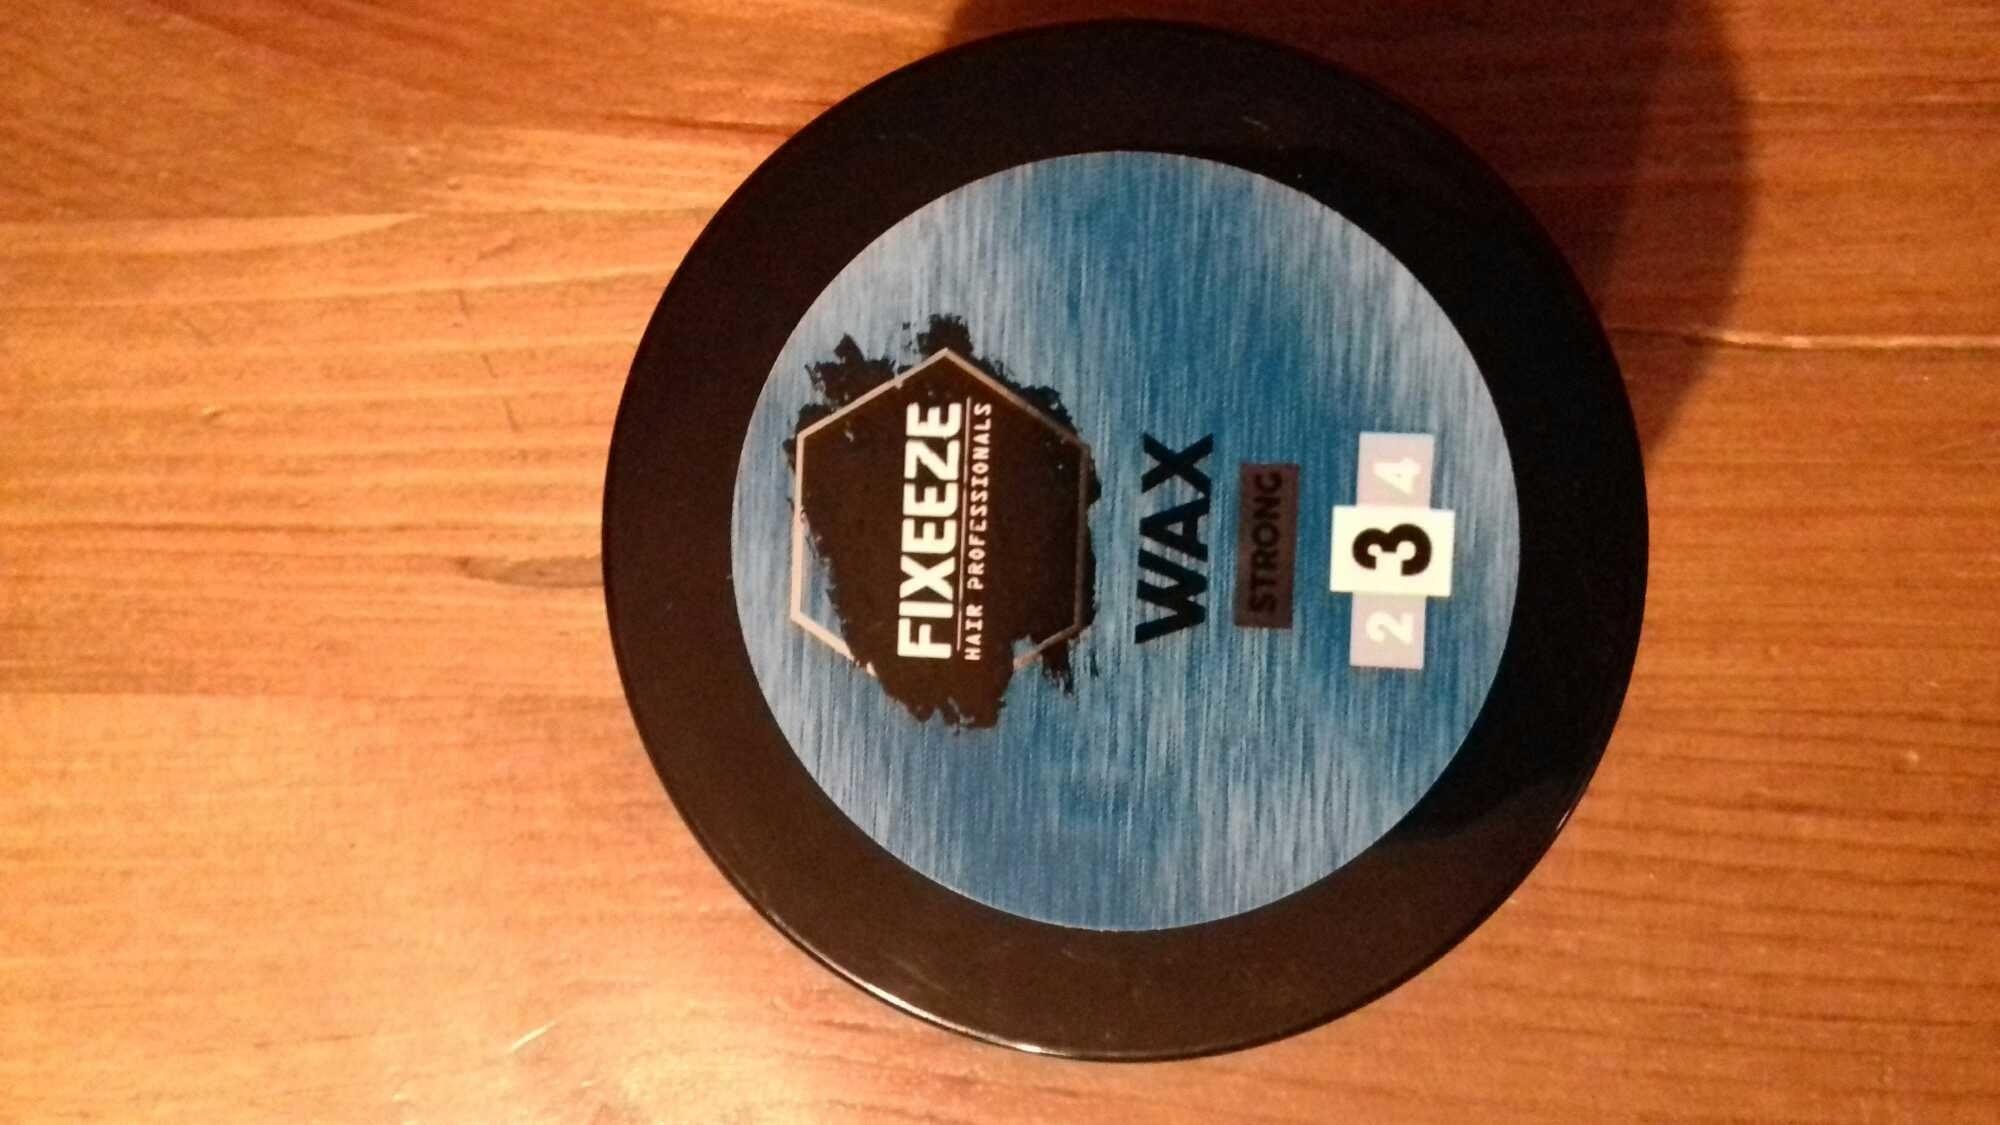 Fixeeze Wax 3 - Product